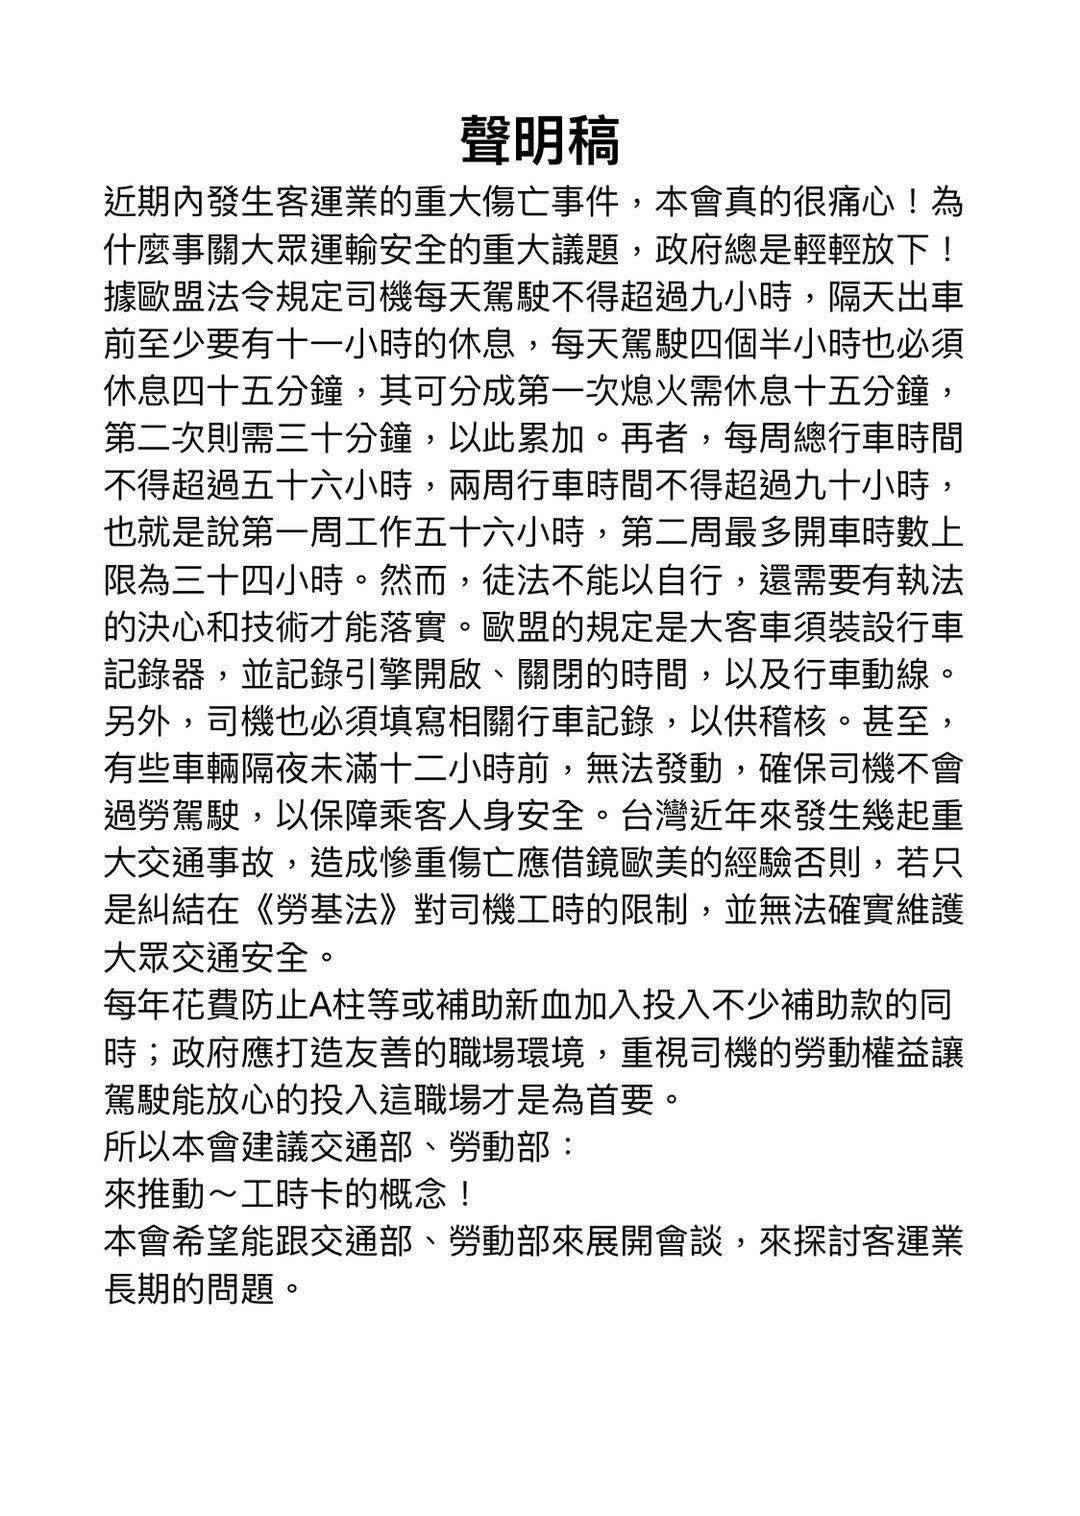 台灣汽車客運業產業工會發布聲明。圖/台灣汽車客運業產業工會提供